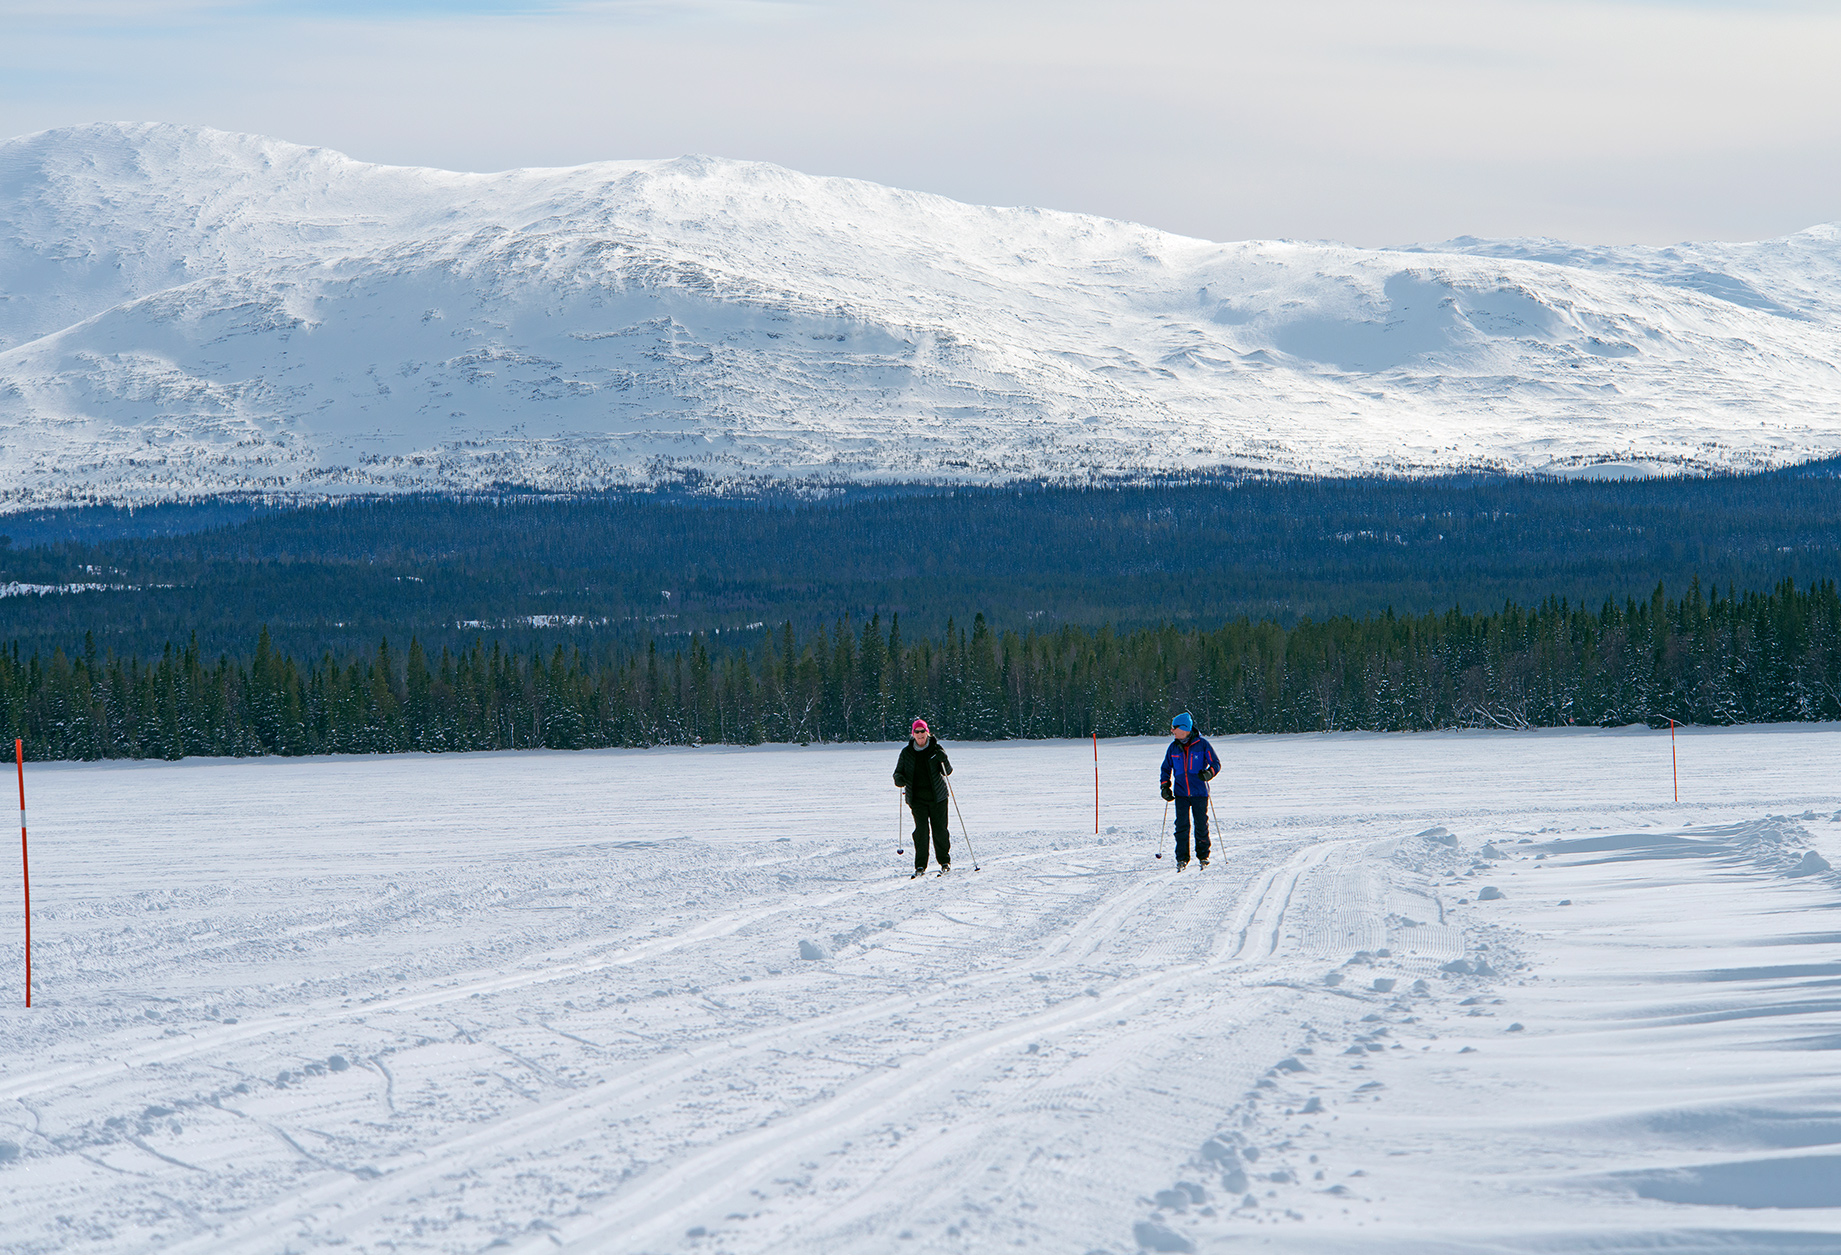 Att Skida Årefjällsleden över Ottsjön är En Av Fjällupplevelserna I Världsklass I Södra Årefjällen.